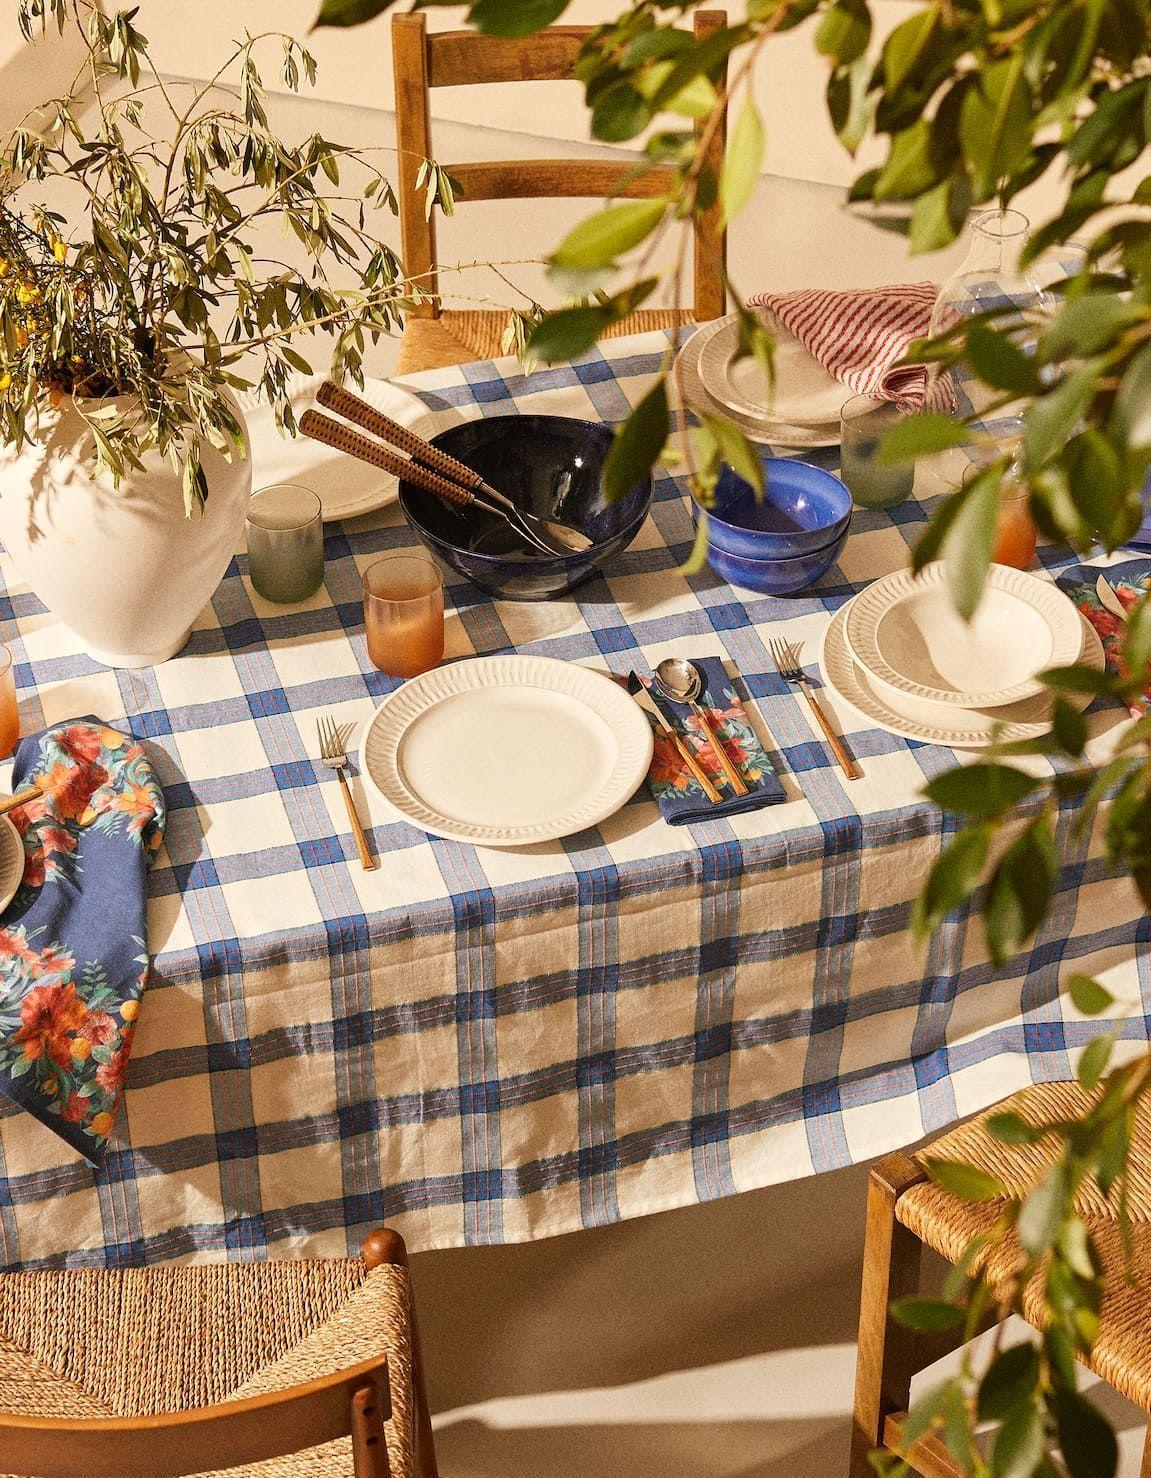 Soldes Zara Home Ete 2020 20 Pieces A Prix Casses Pour Changer Son Interieur Elle Decoration